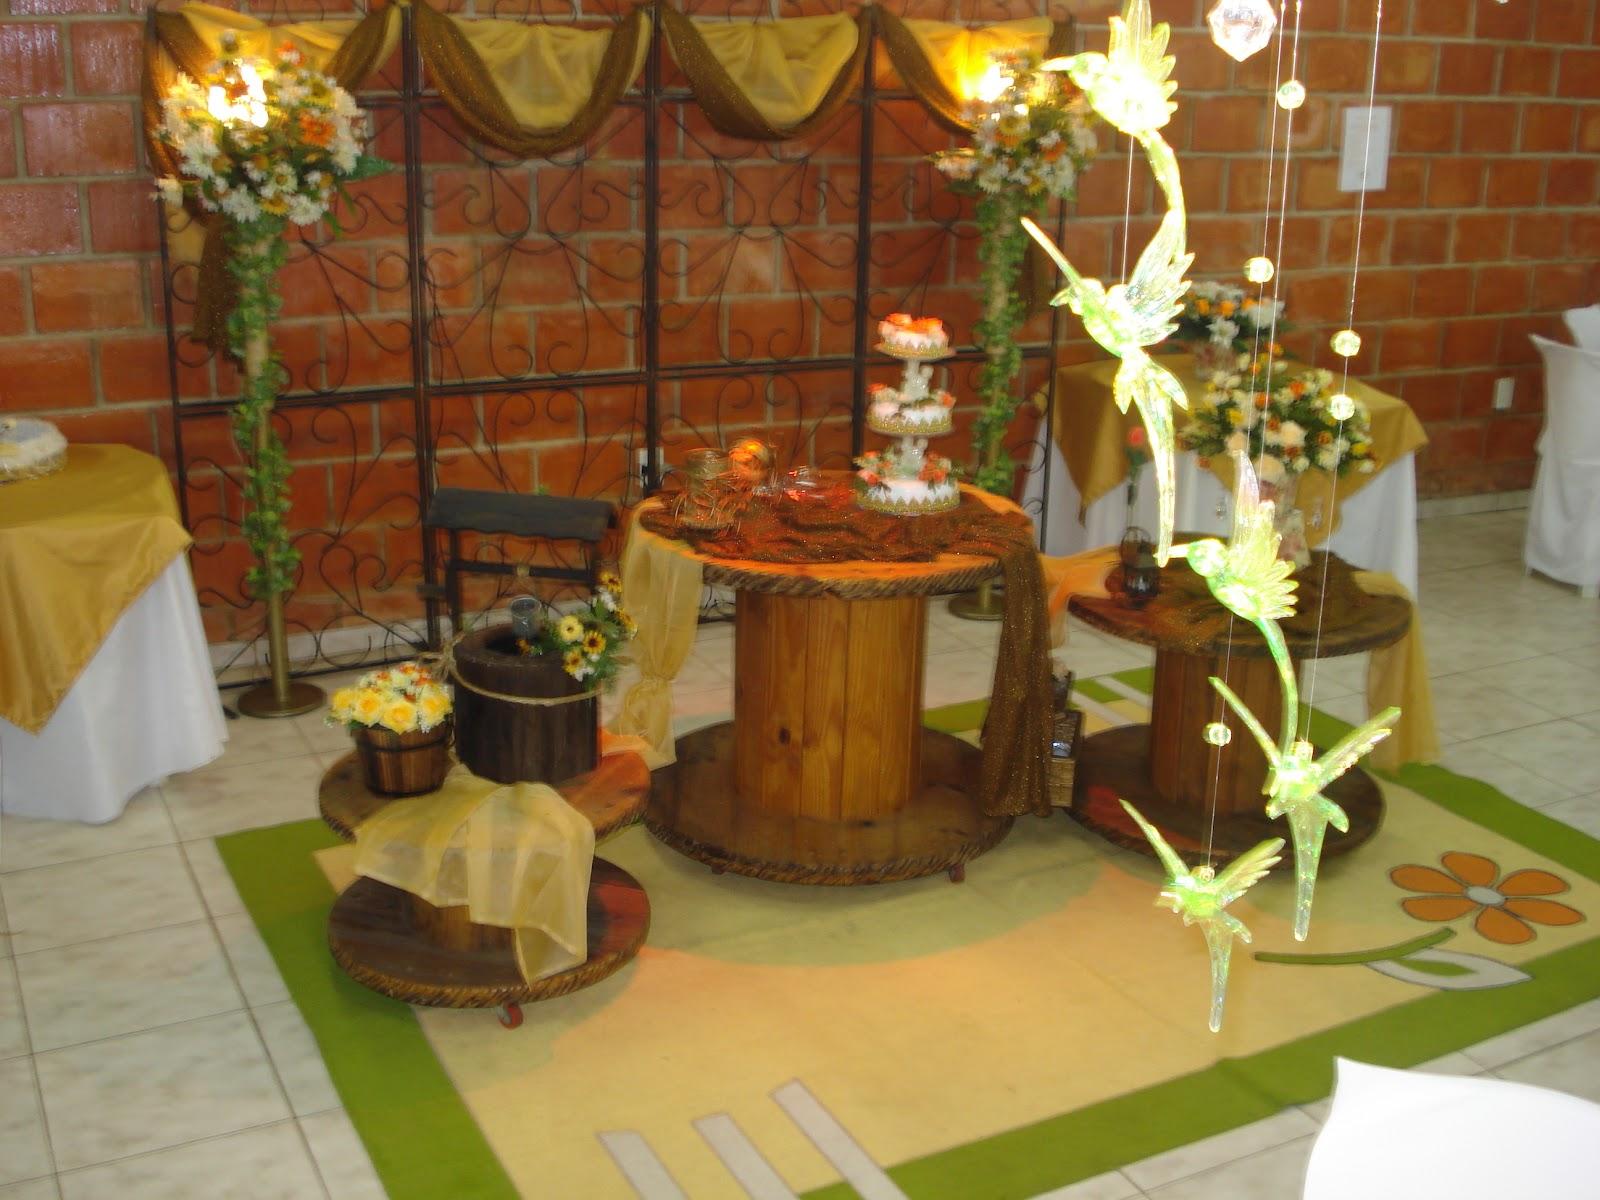 decoracao festa rustica:ju festas: Decoração Rústica 11/02/2012